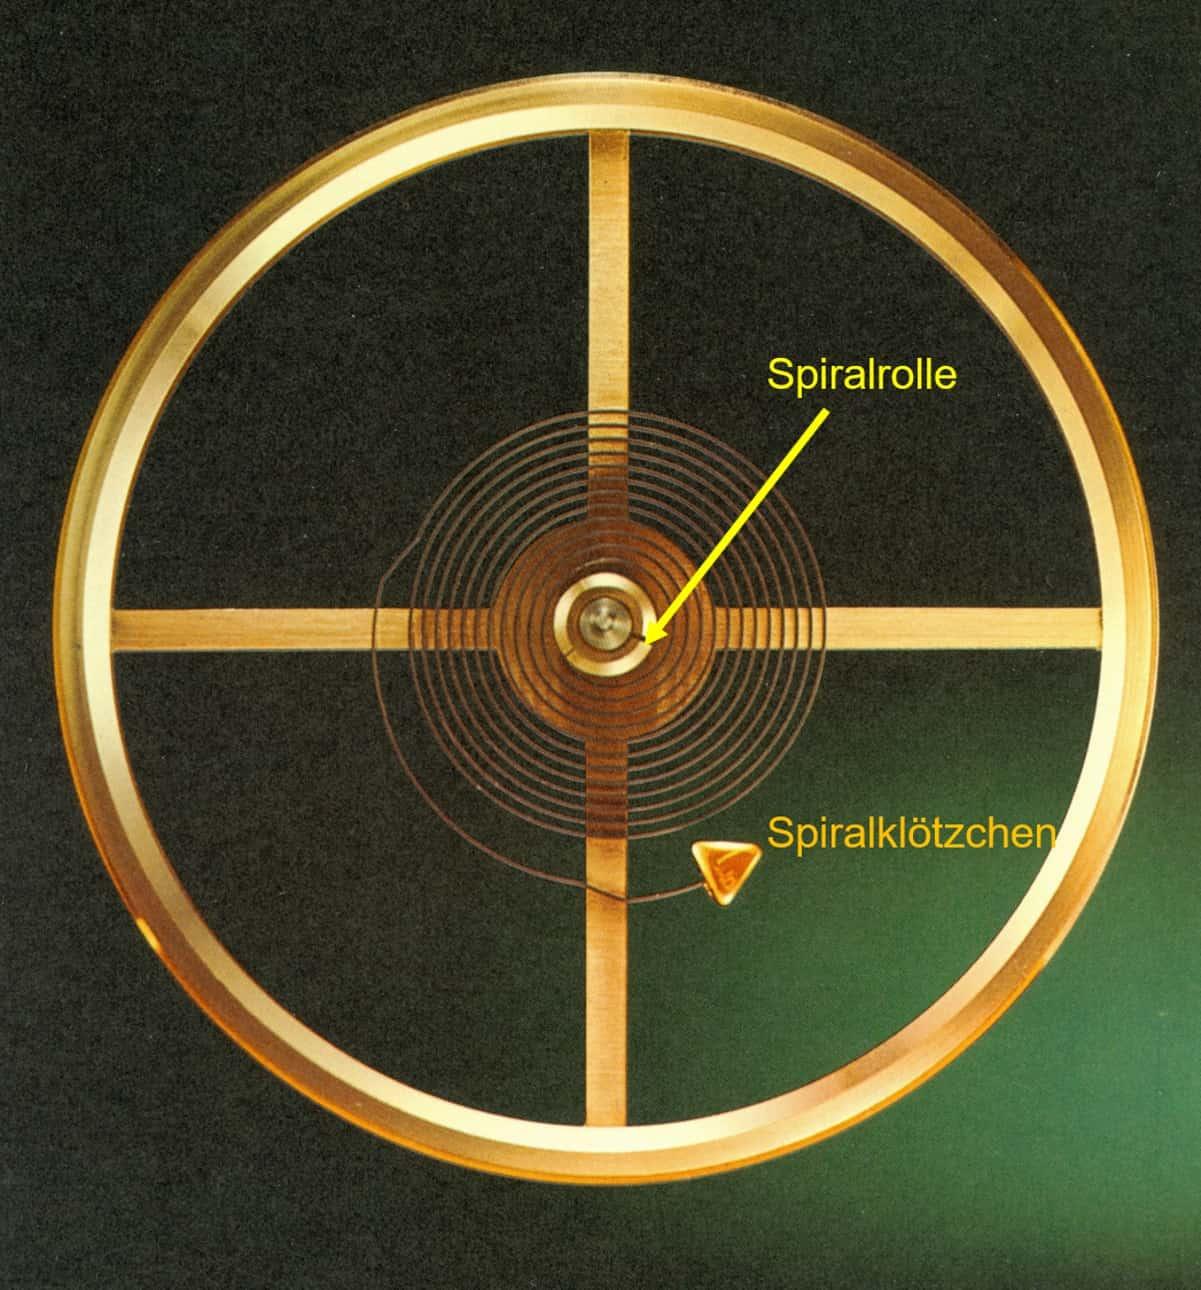 Aufbau einer Glucydur-Ringunruh mit Flachspirale